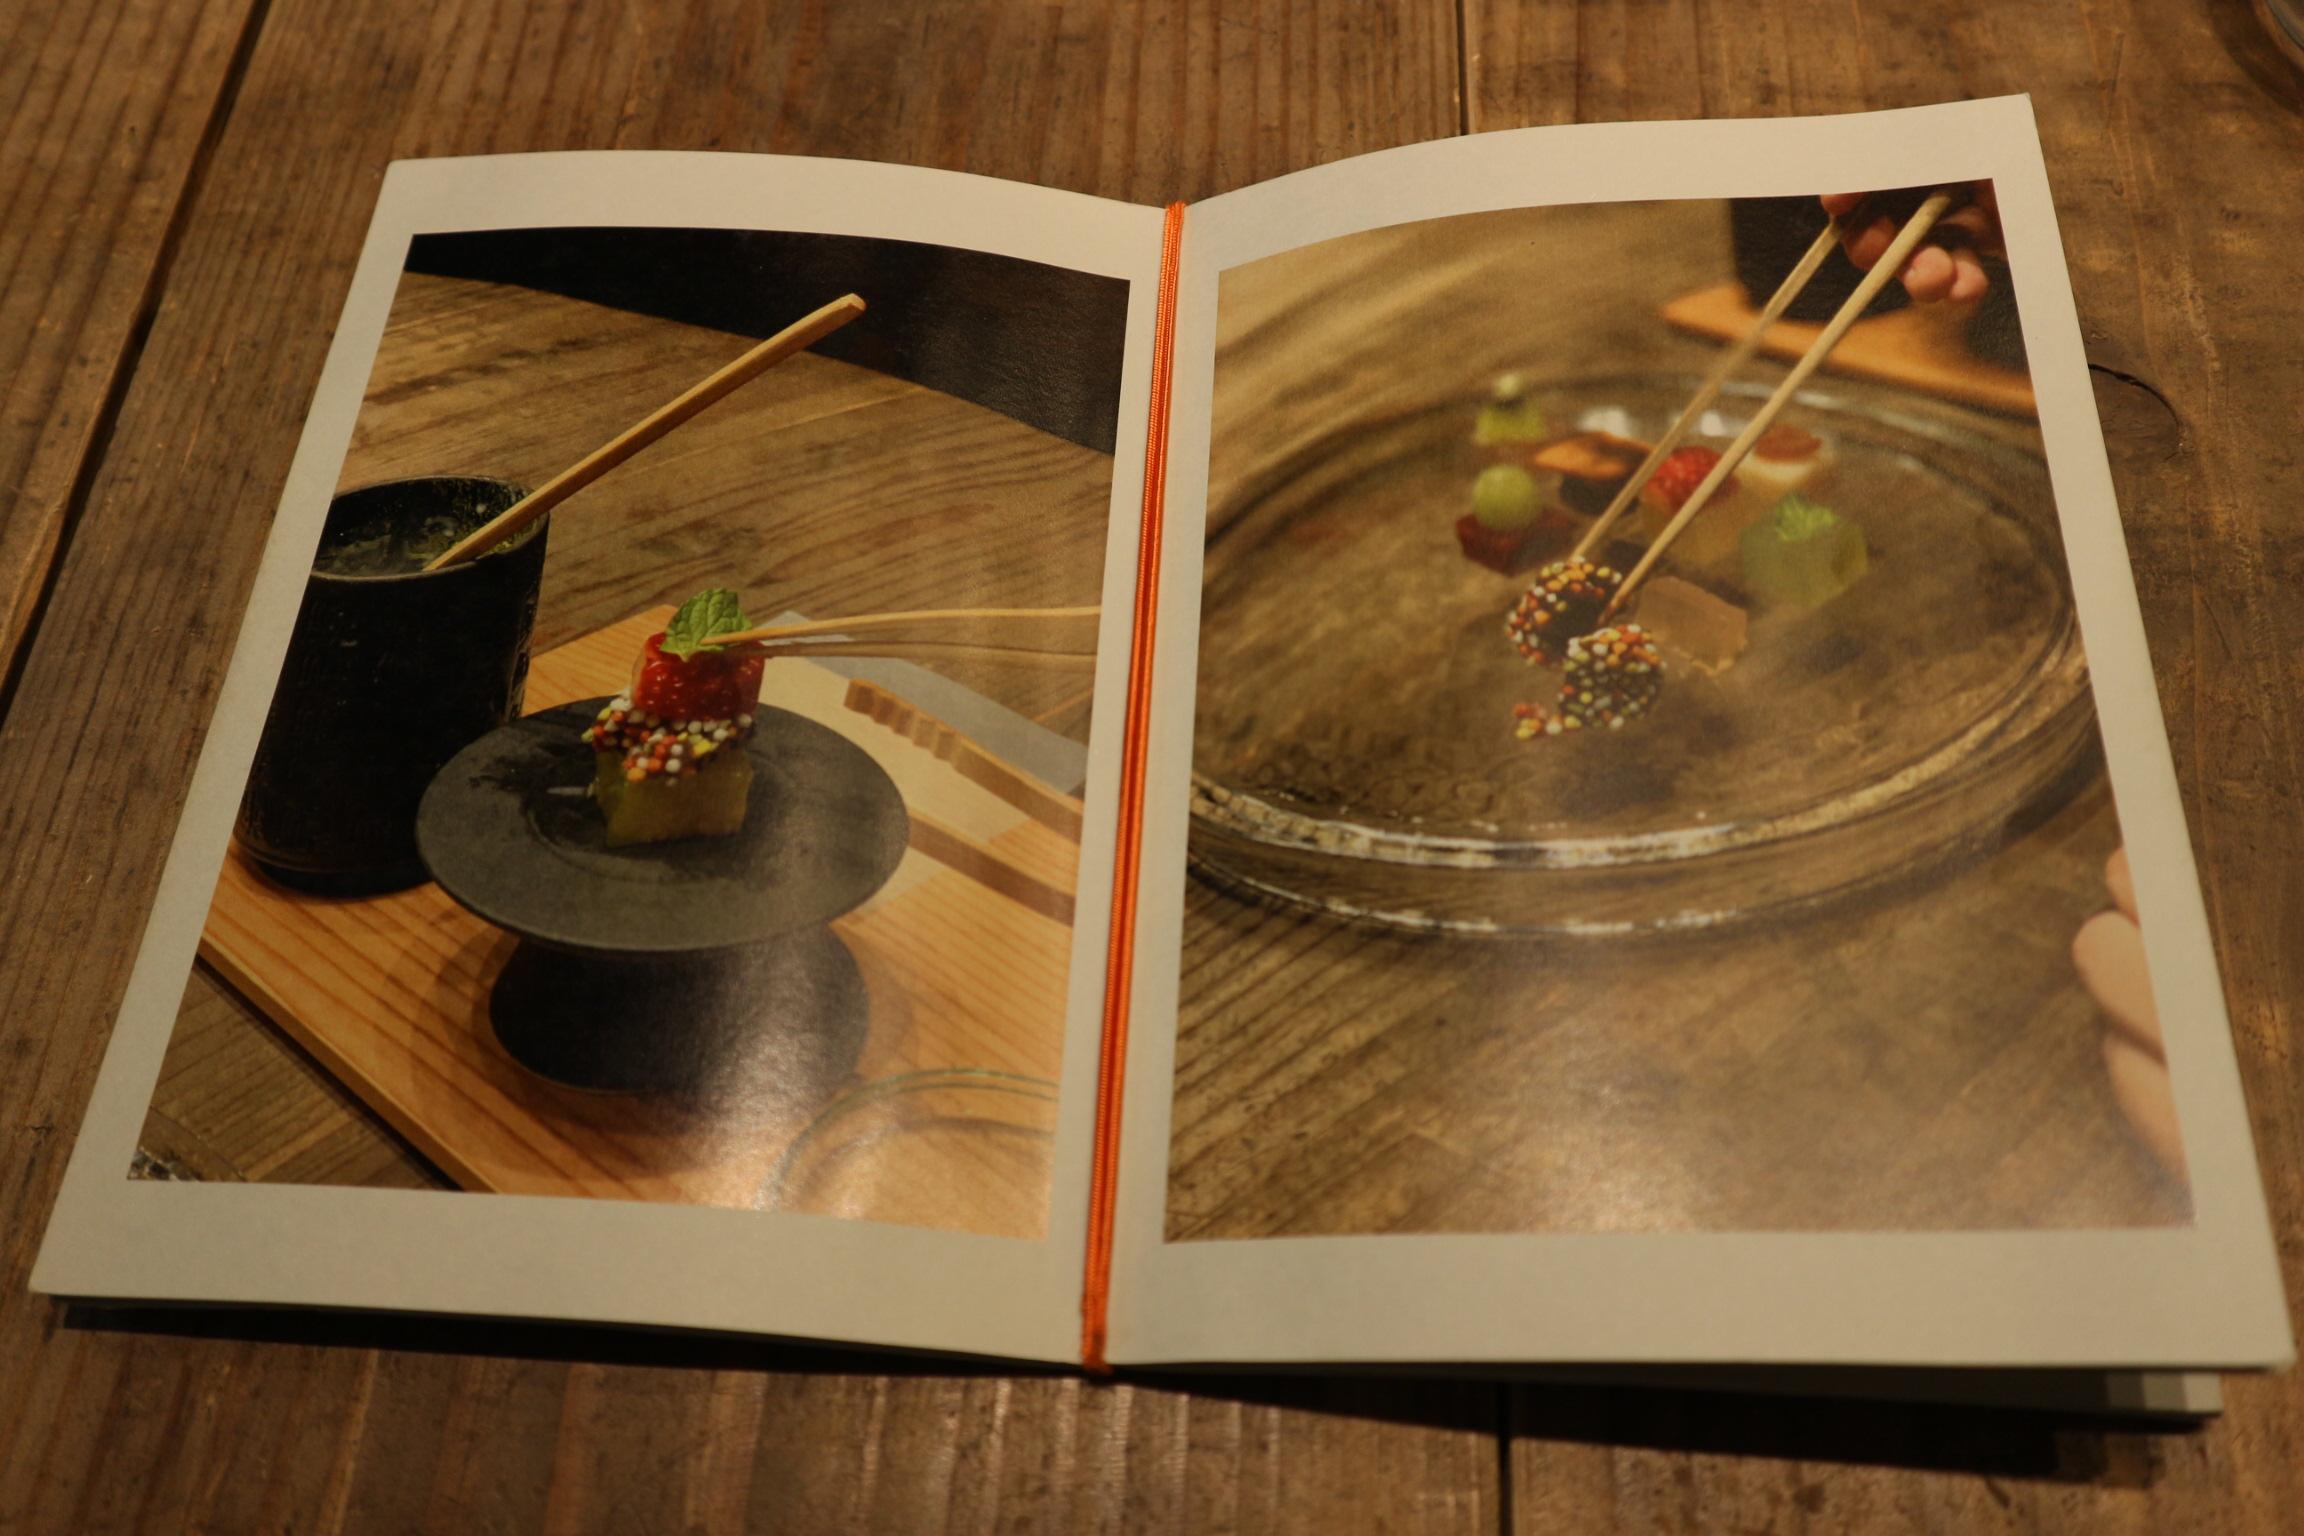 【京都】まるで宝石のような手織り菓子❤︎あの有名なお店の菓子店❤︎_4